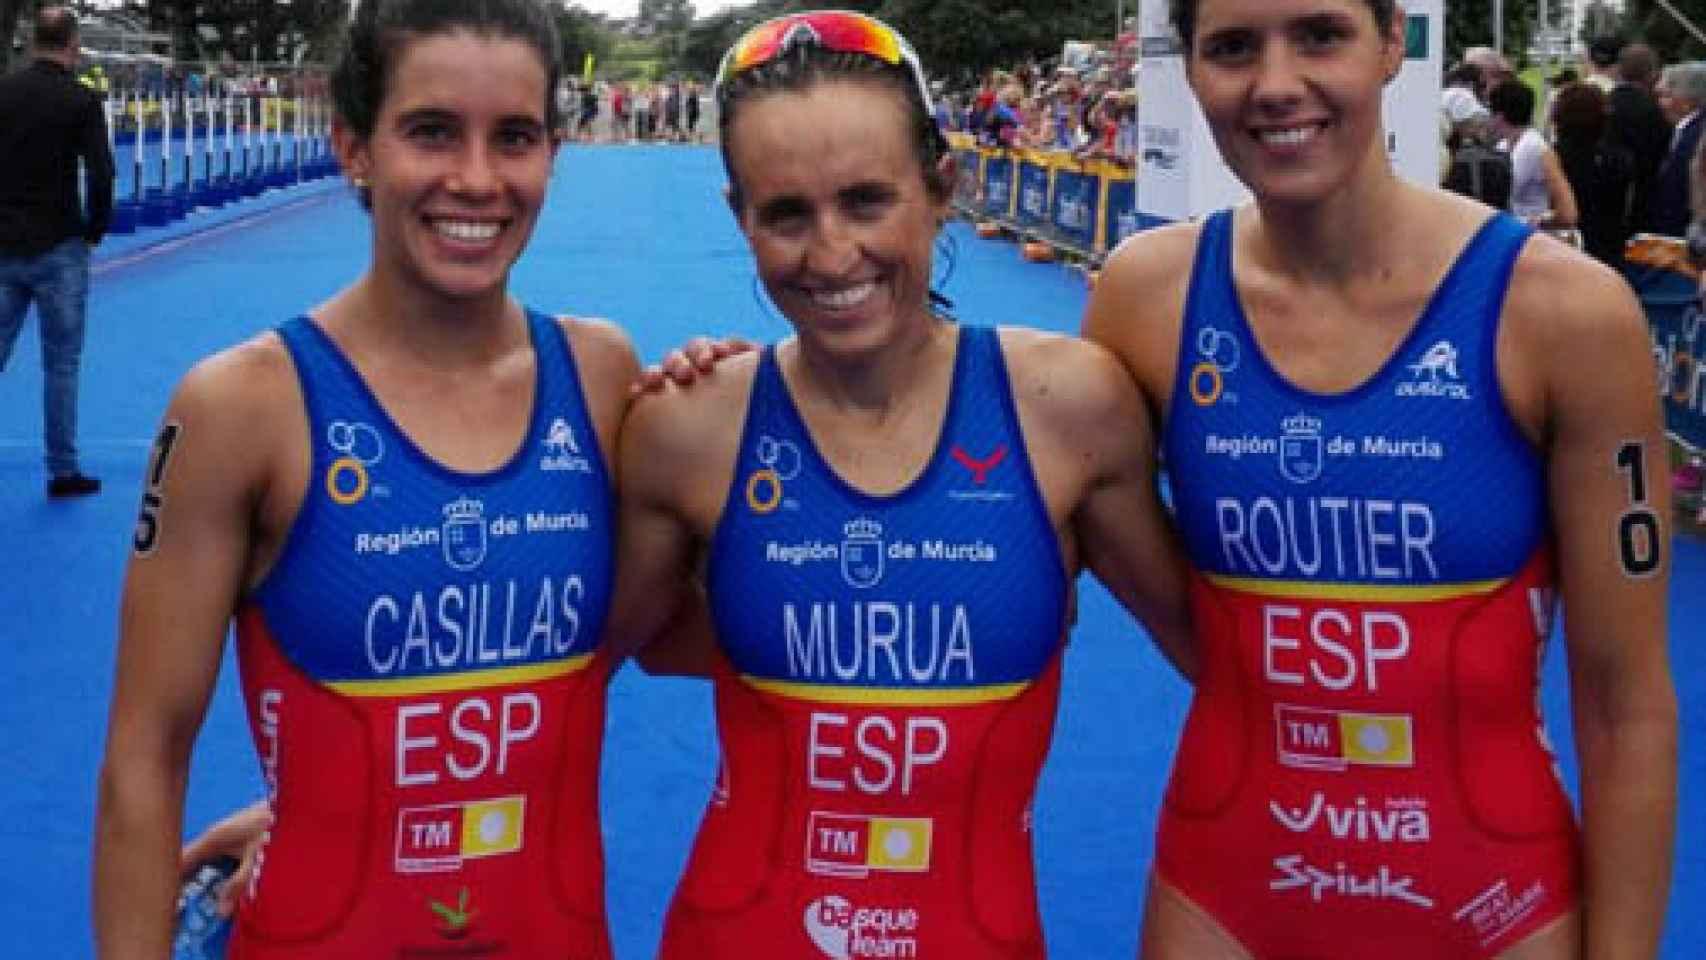 Miriam Casillas, Ainhoa Murua y Carolina Routier posan tras conseguir su pase a Río.